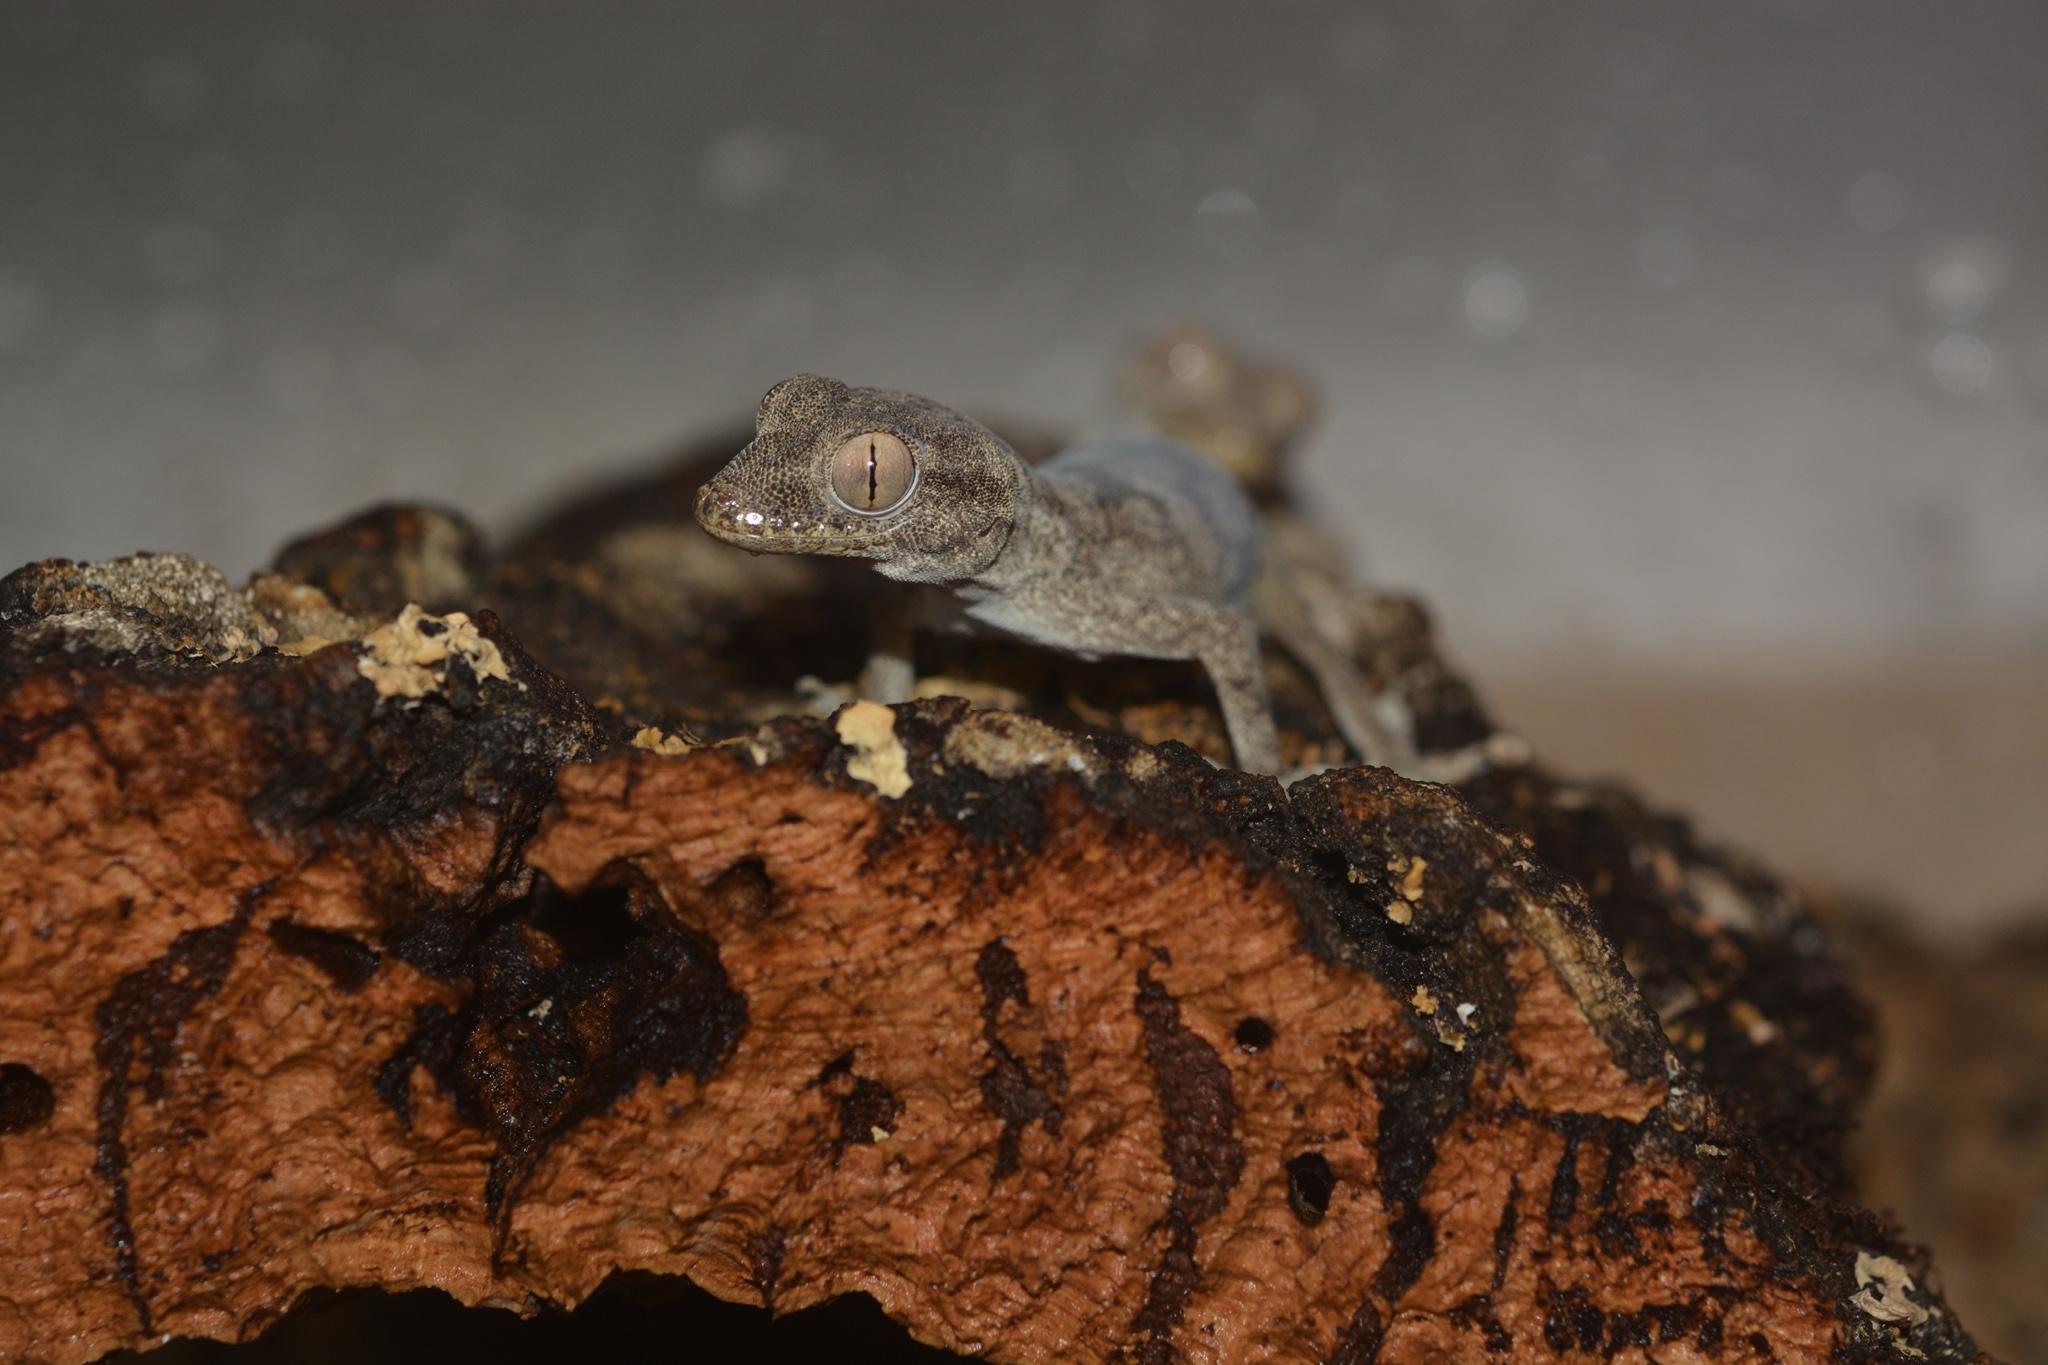 hemidactylus_lemurinus_02.jpg